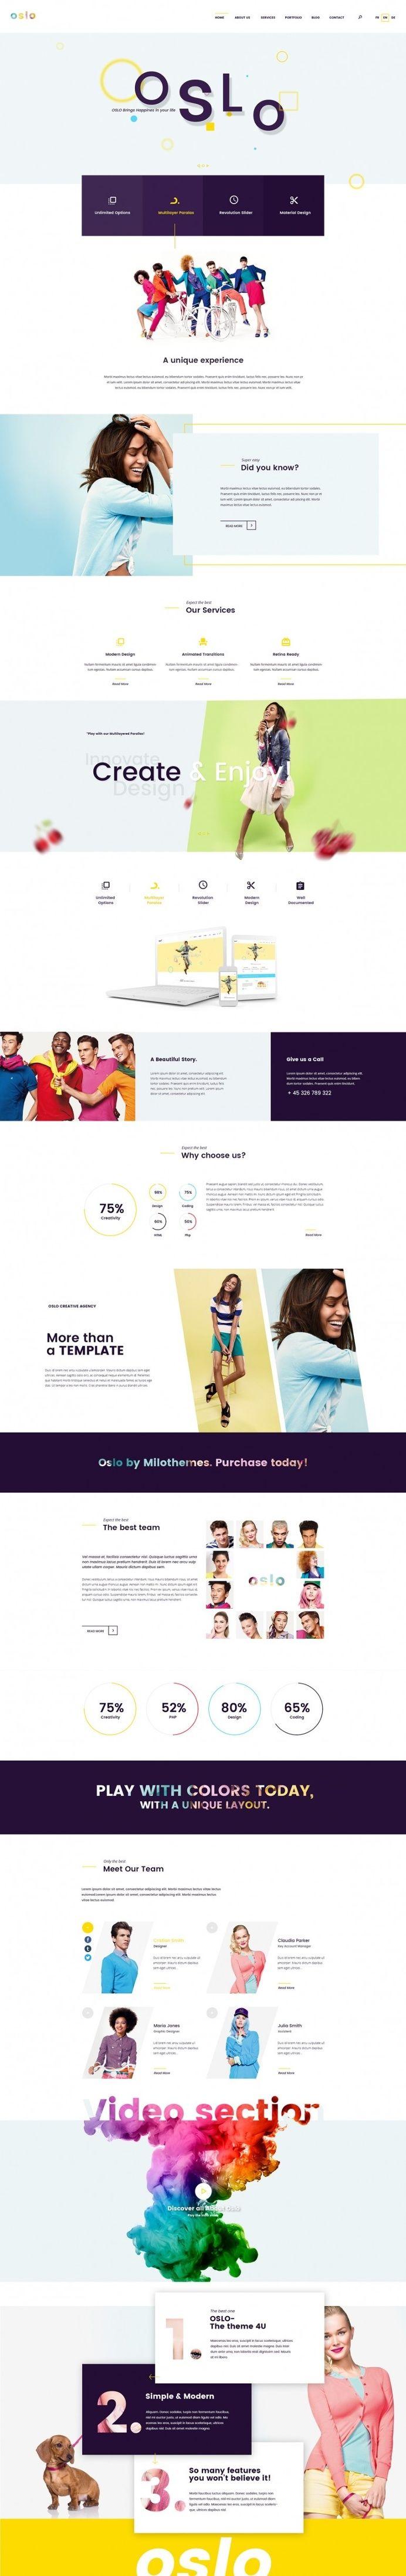 Oslo in Web design